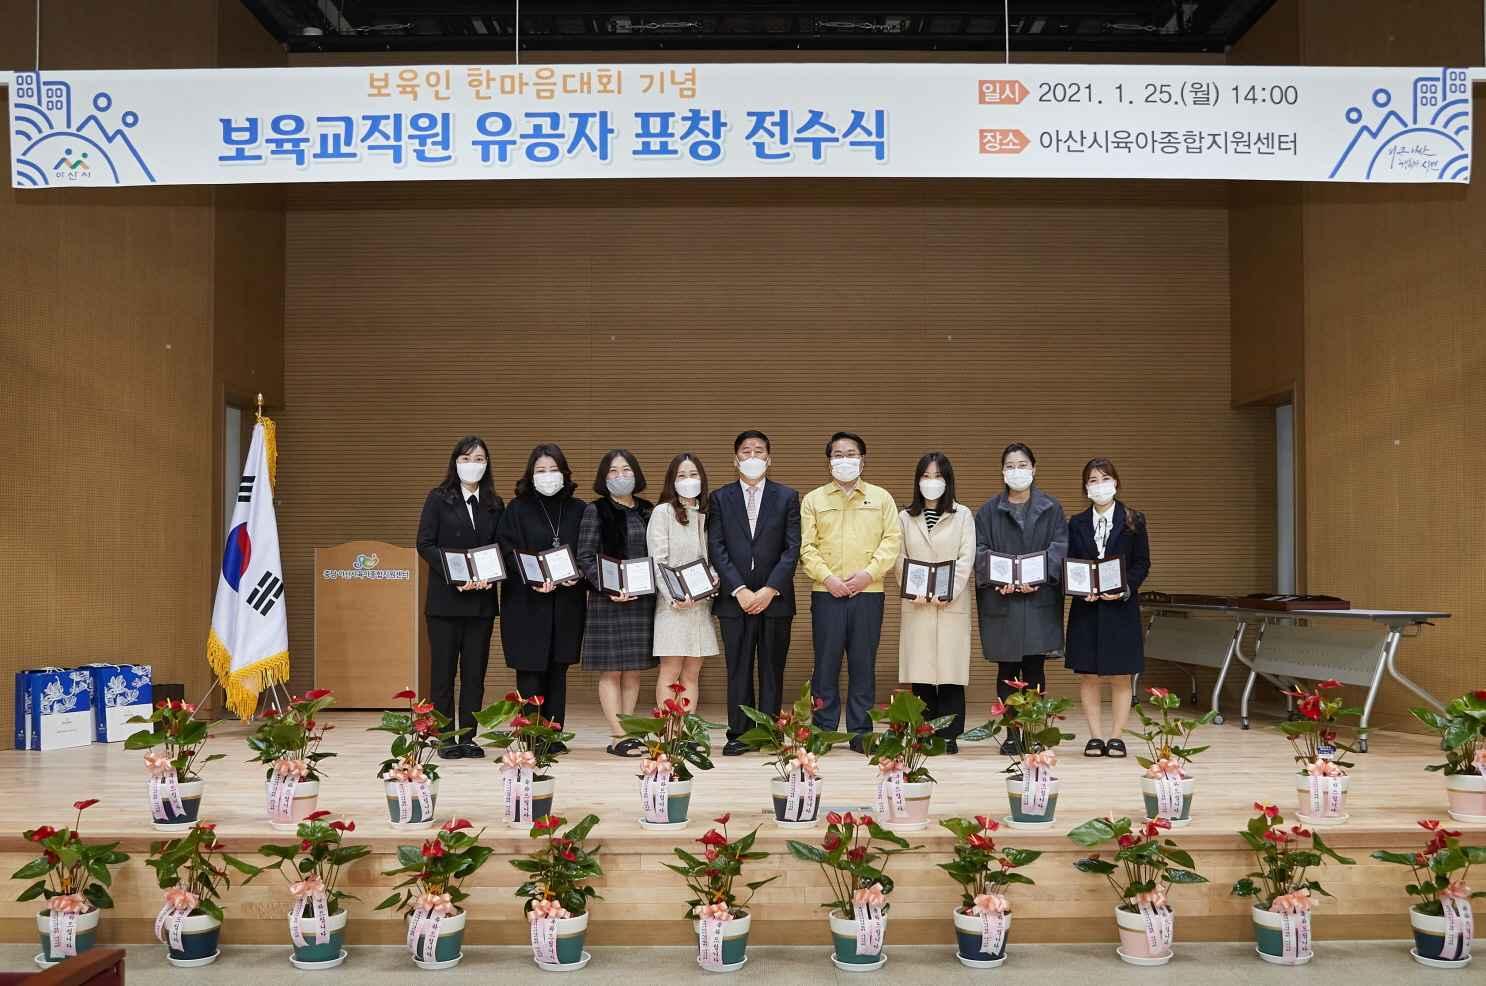 아산시, 보육교직원 유공자 표창패 전수 관련사진